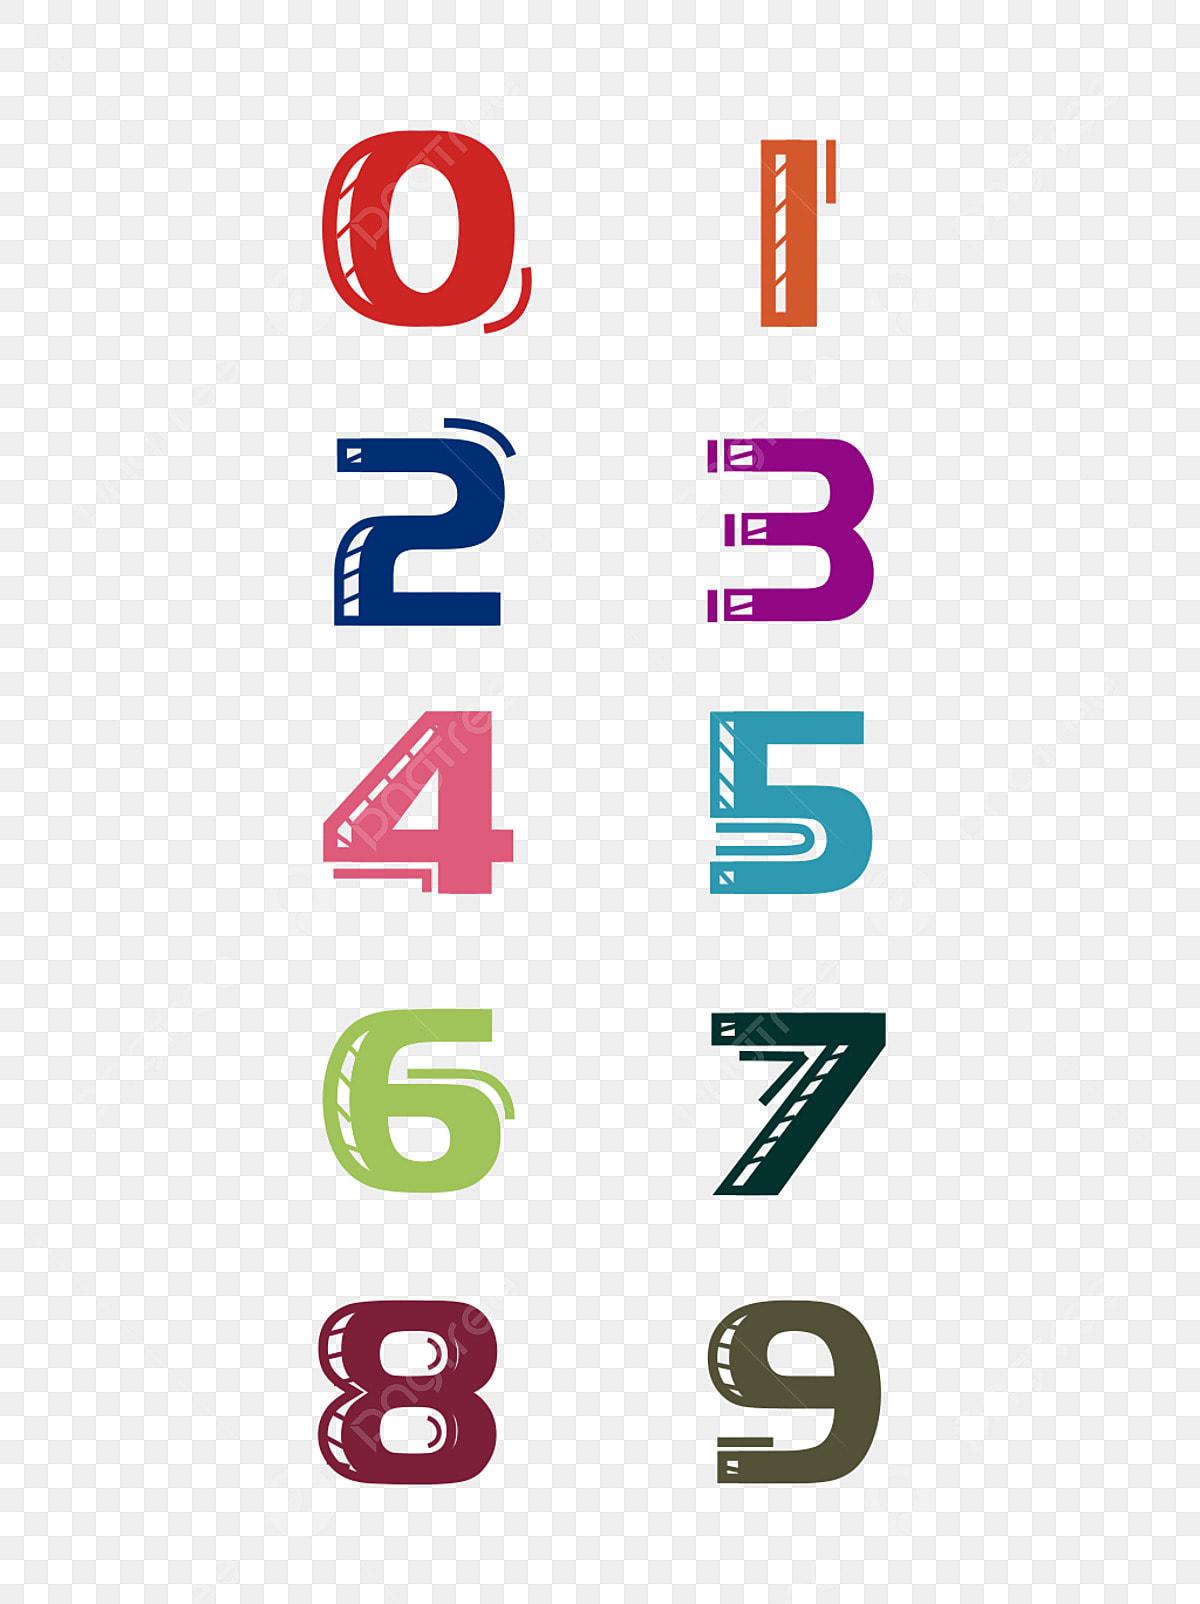 كرتون رسم الأرقام العربية كرتون اللون الرياضيات Png صورة للتحميل مجانا